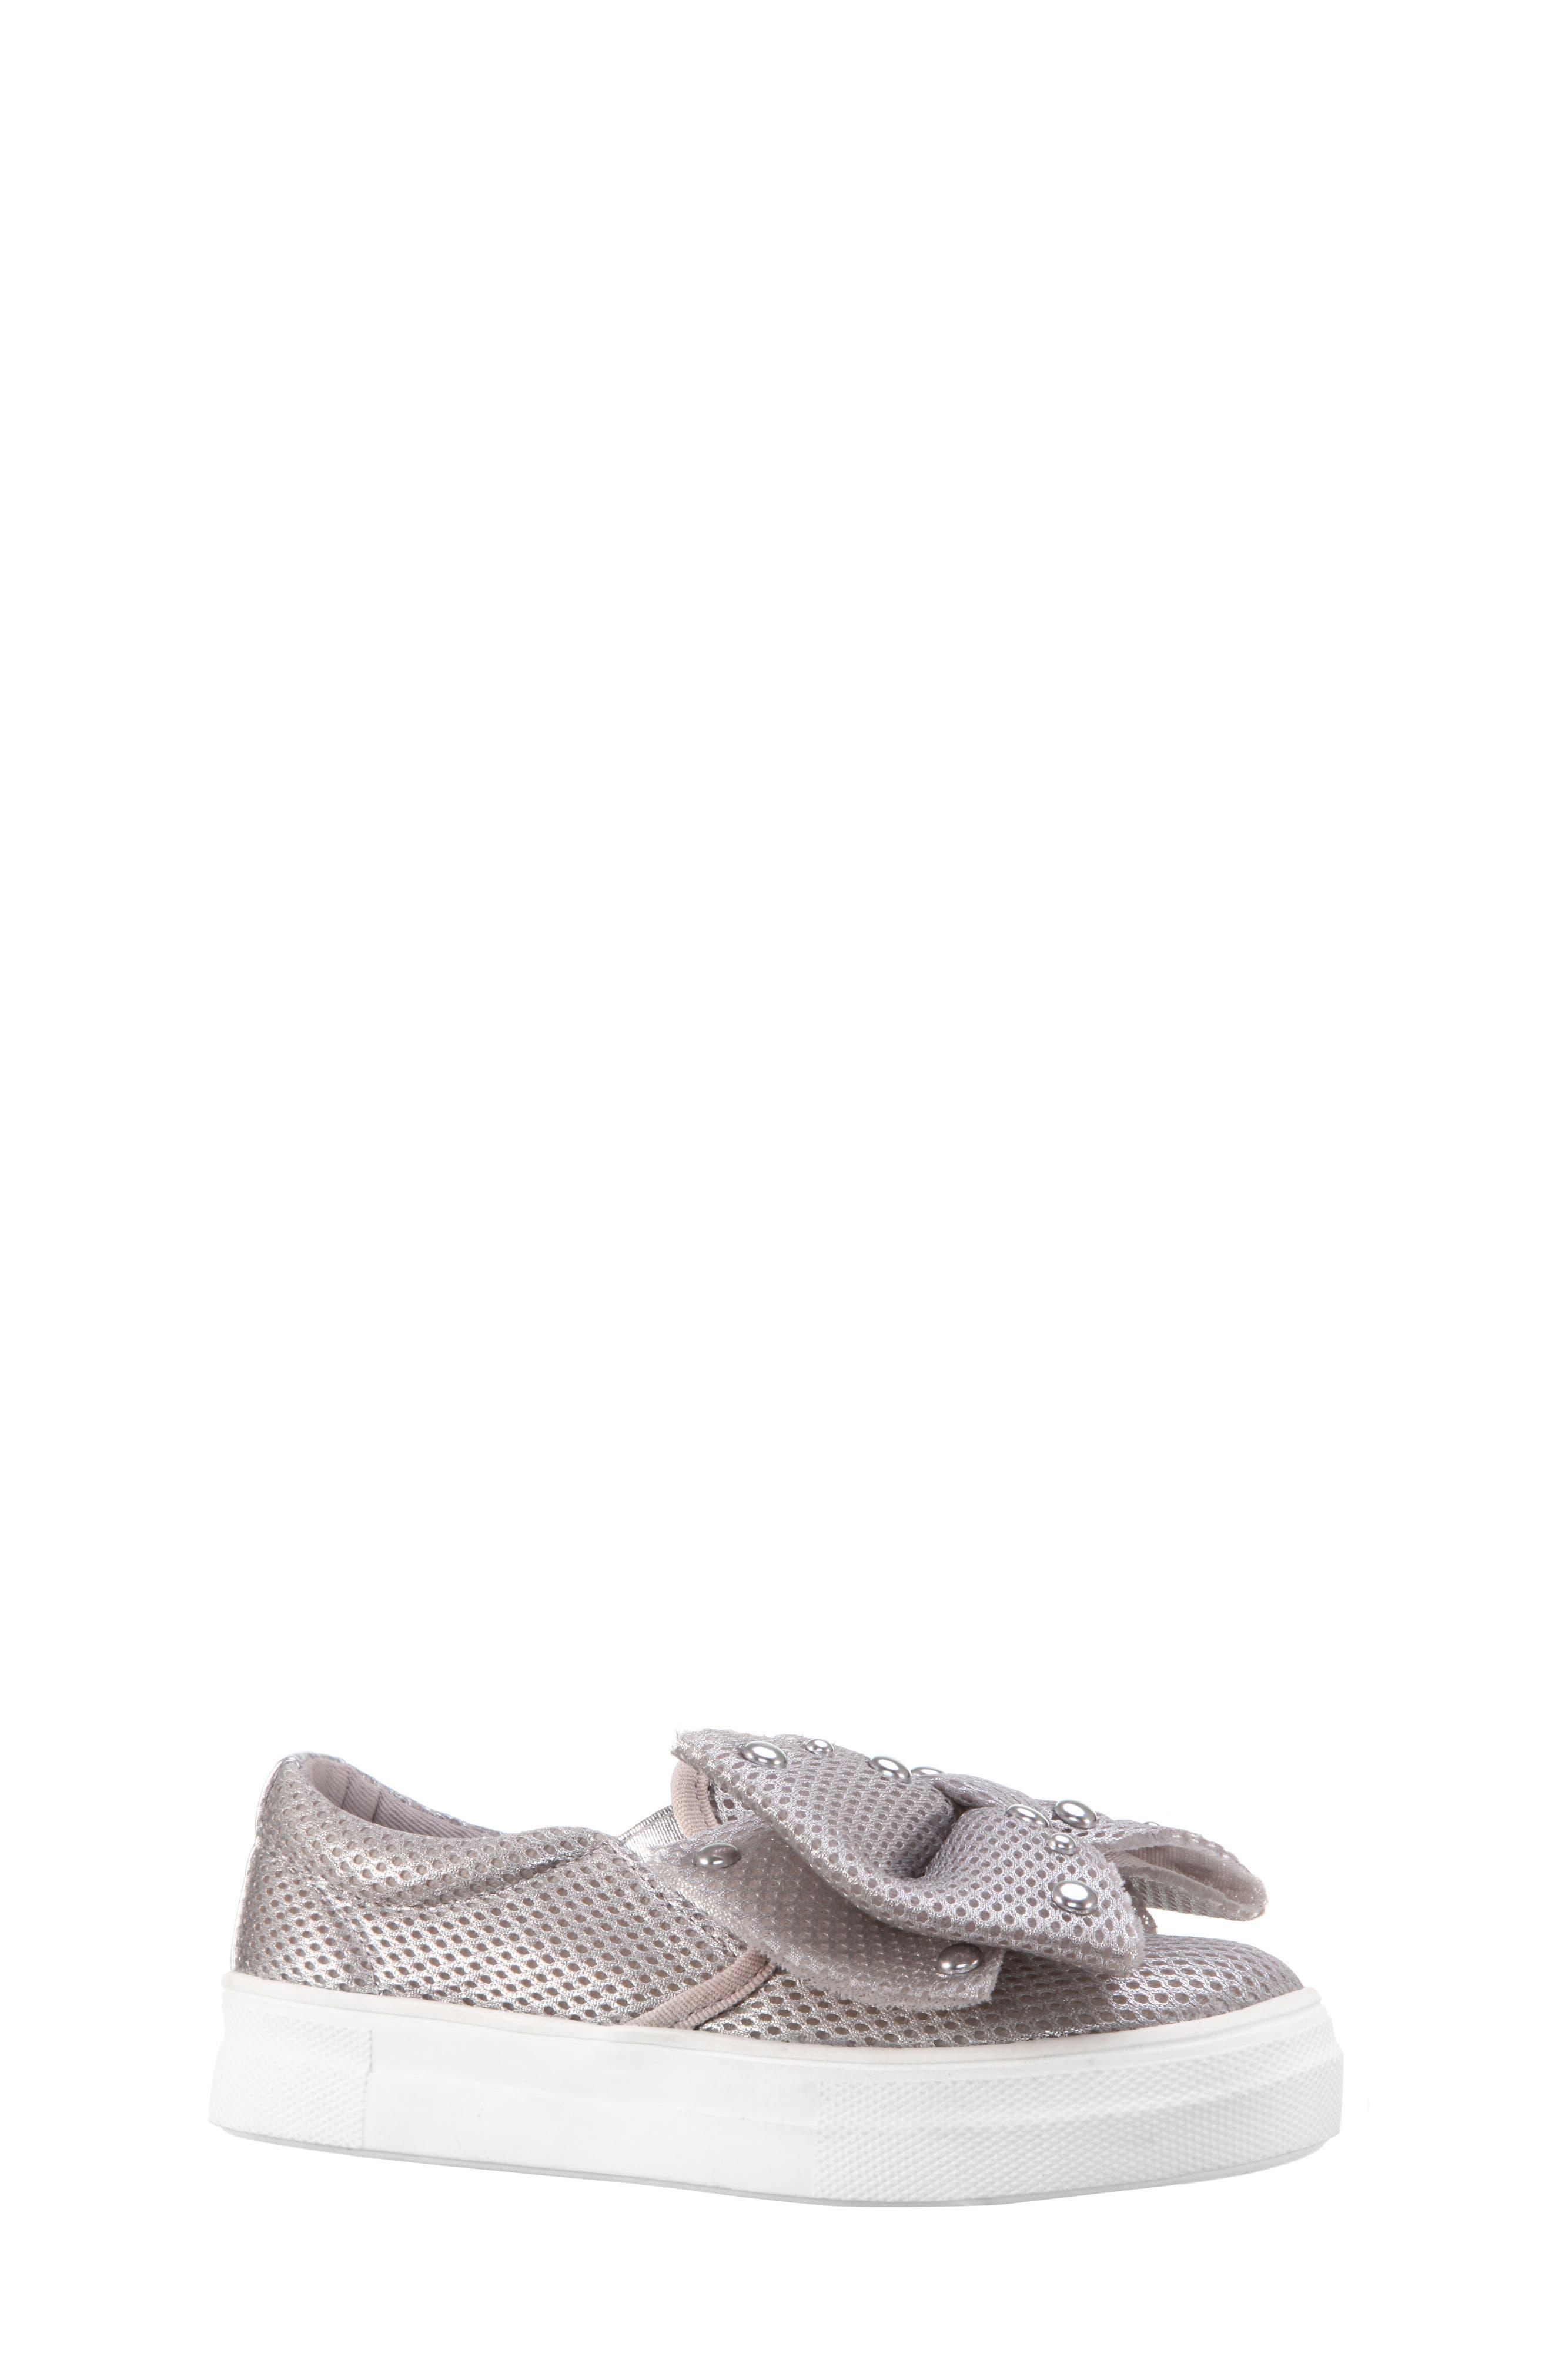 Nina Mary Bow Slip-On Sneaker (Toddler, Little Kid & Big Kid)